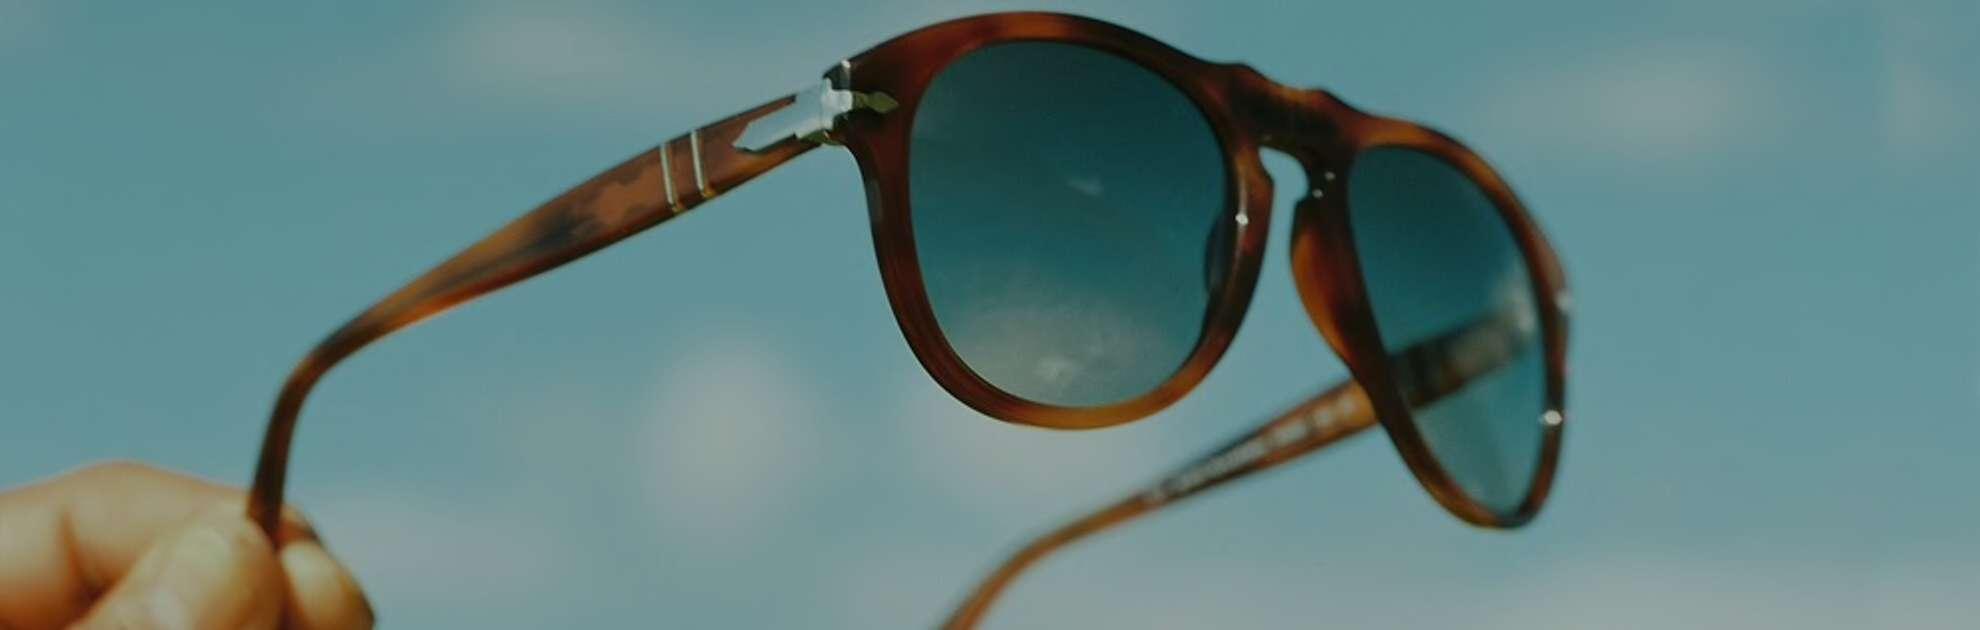 l'authentique lunettes Persol 0649